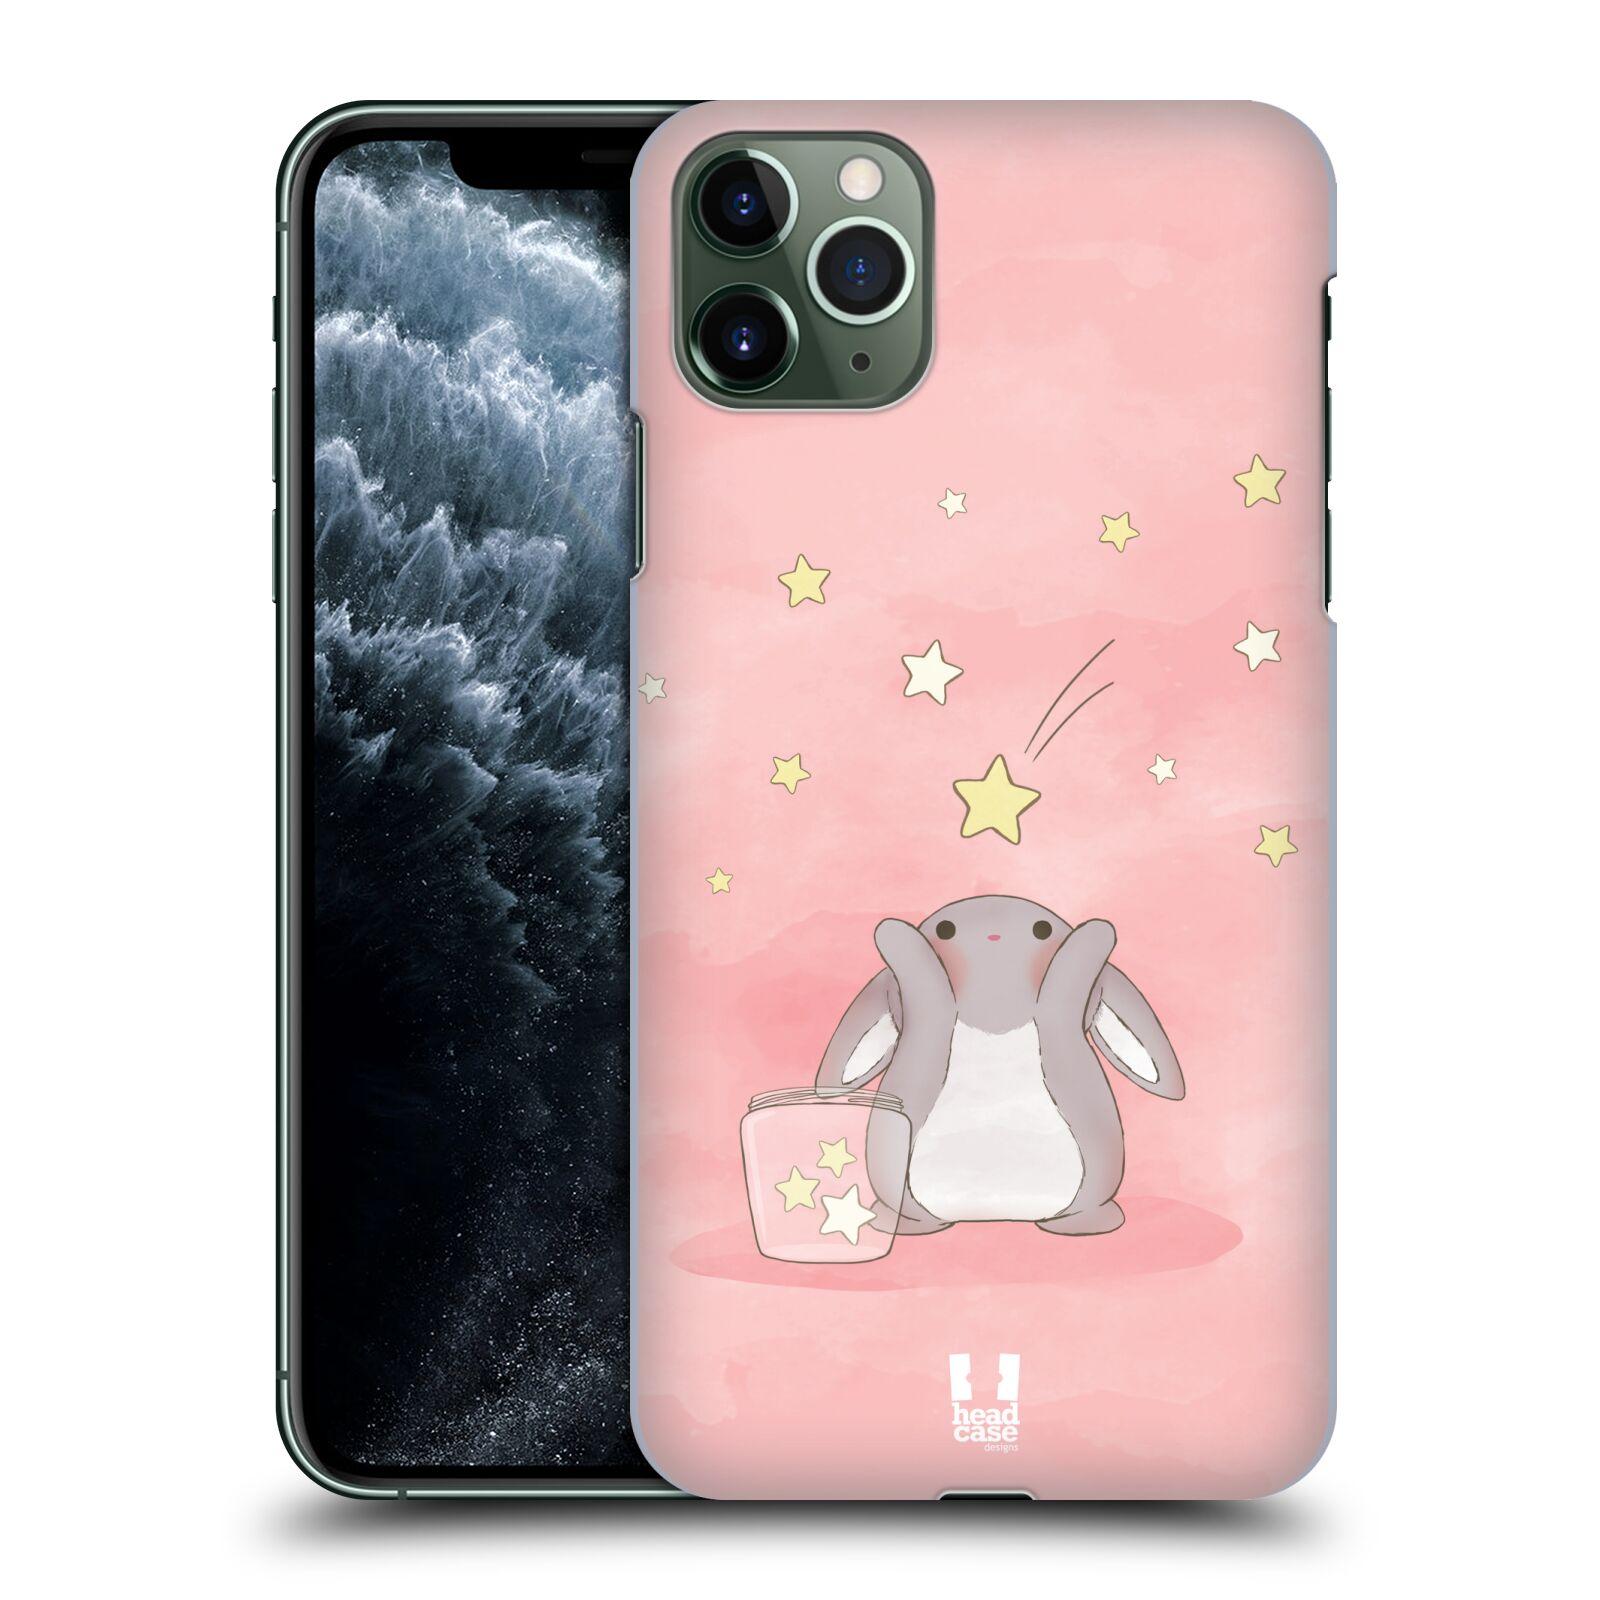 Pouzdro na mobil Apple Iphone 11 PRO MAX - HEAD CASE - vzor králíček a hvězdy růžová